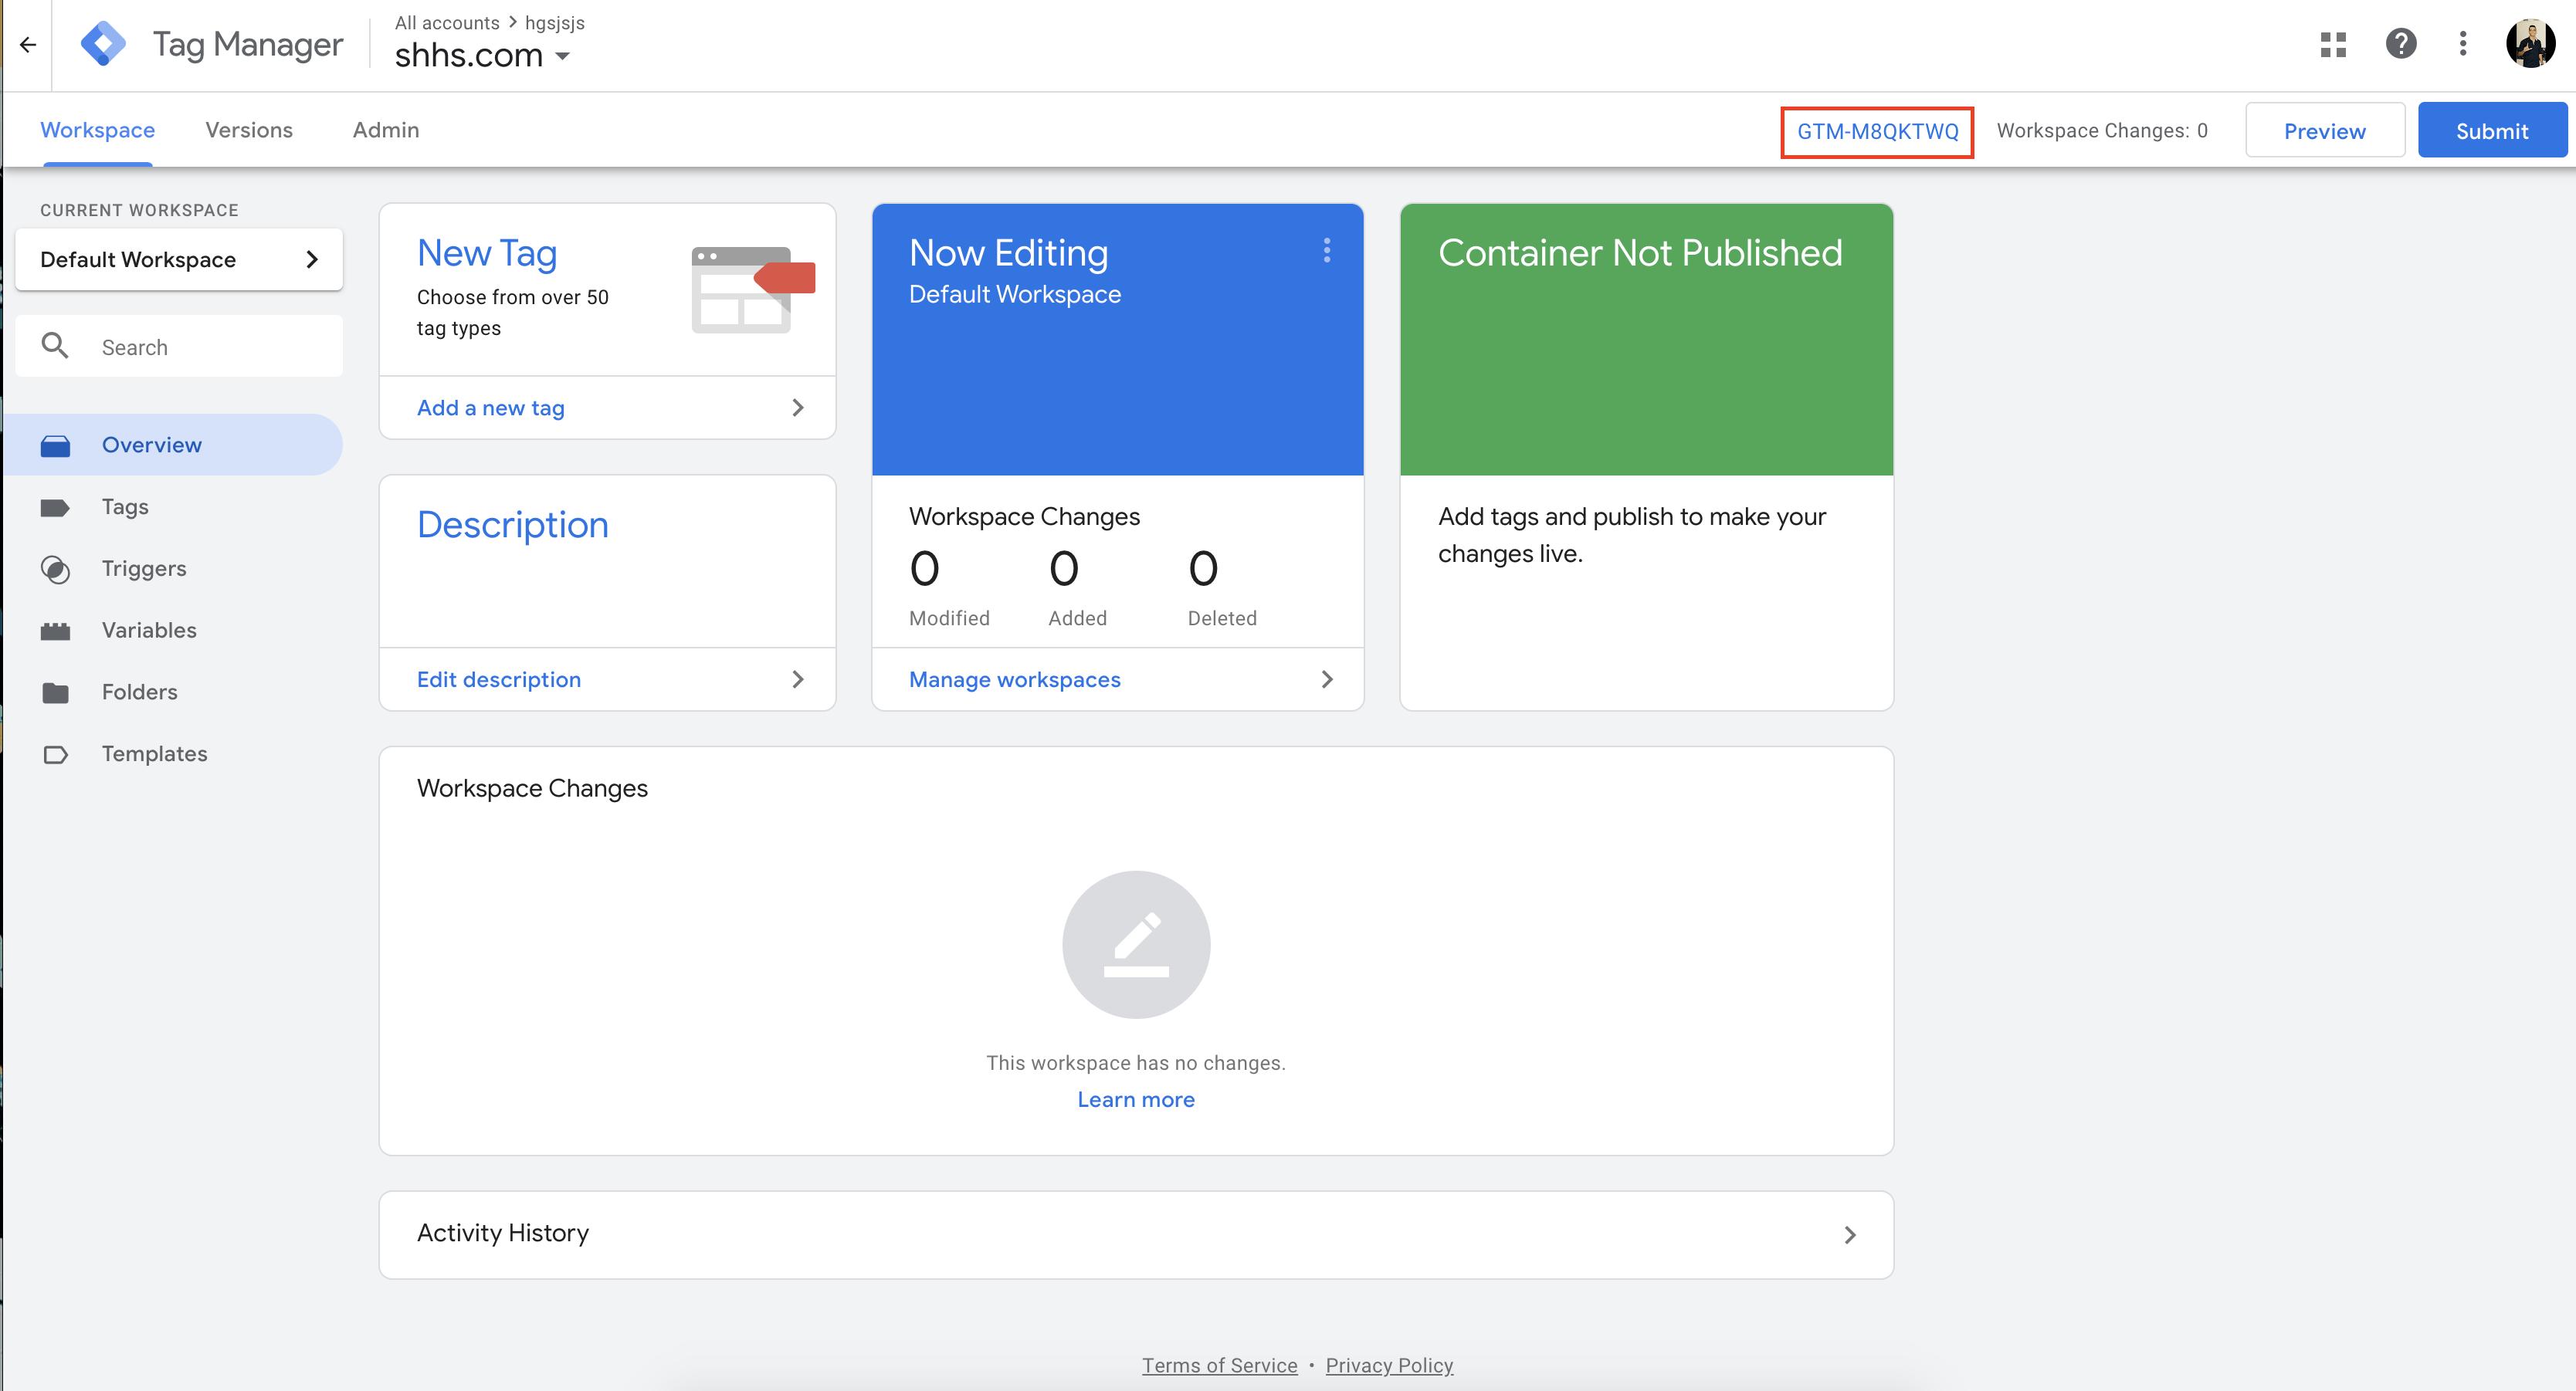 كيف تضف جوجل تاج مانجر على متجرك الإلكتروني